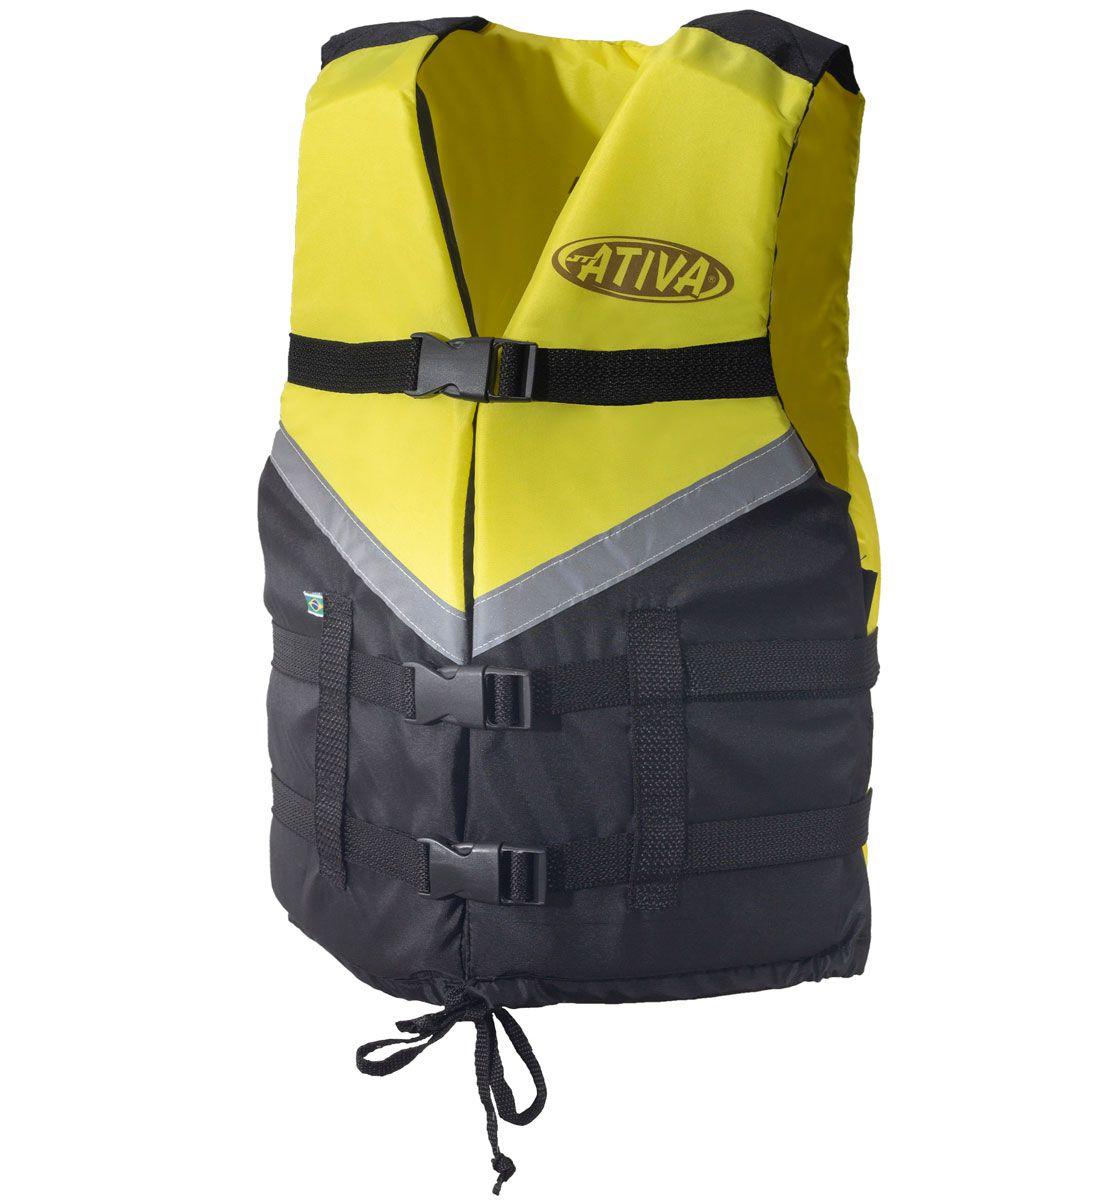 Colete Salva-Vidas Esportivo EAF Ativa Canoa 2.0 - Caiaque Jet Ski Lancha e Barco